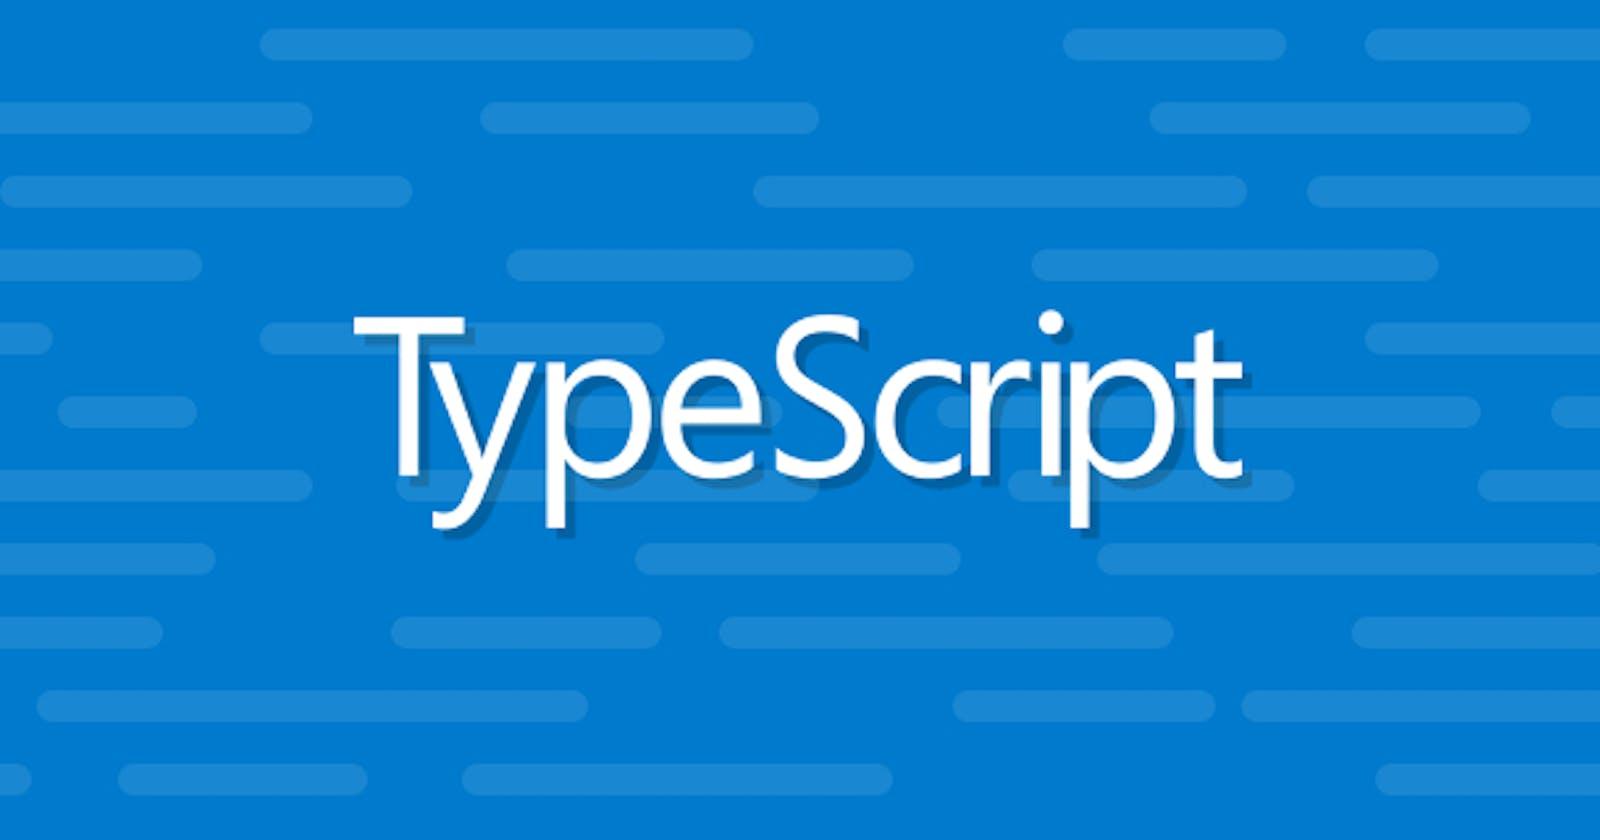 Typescript Beginner: Start Here